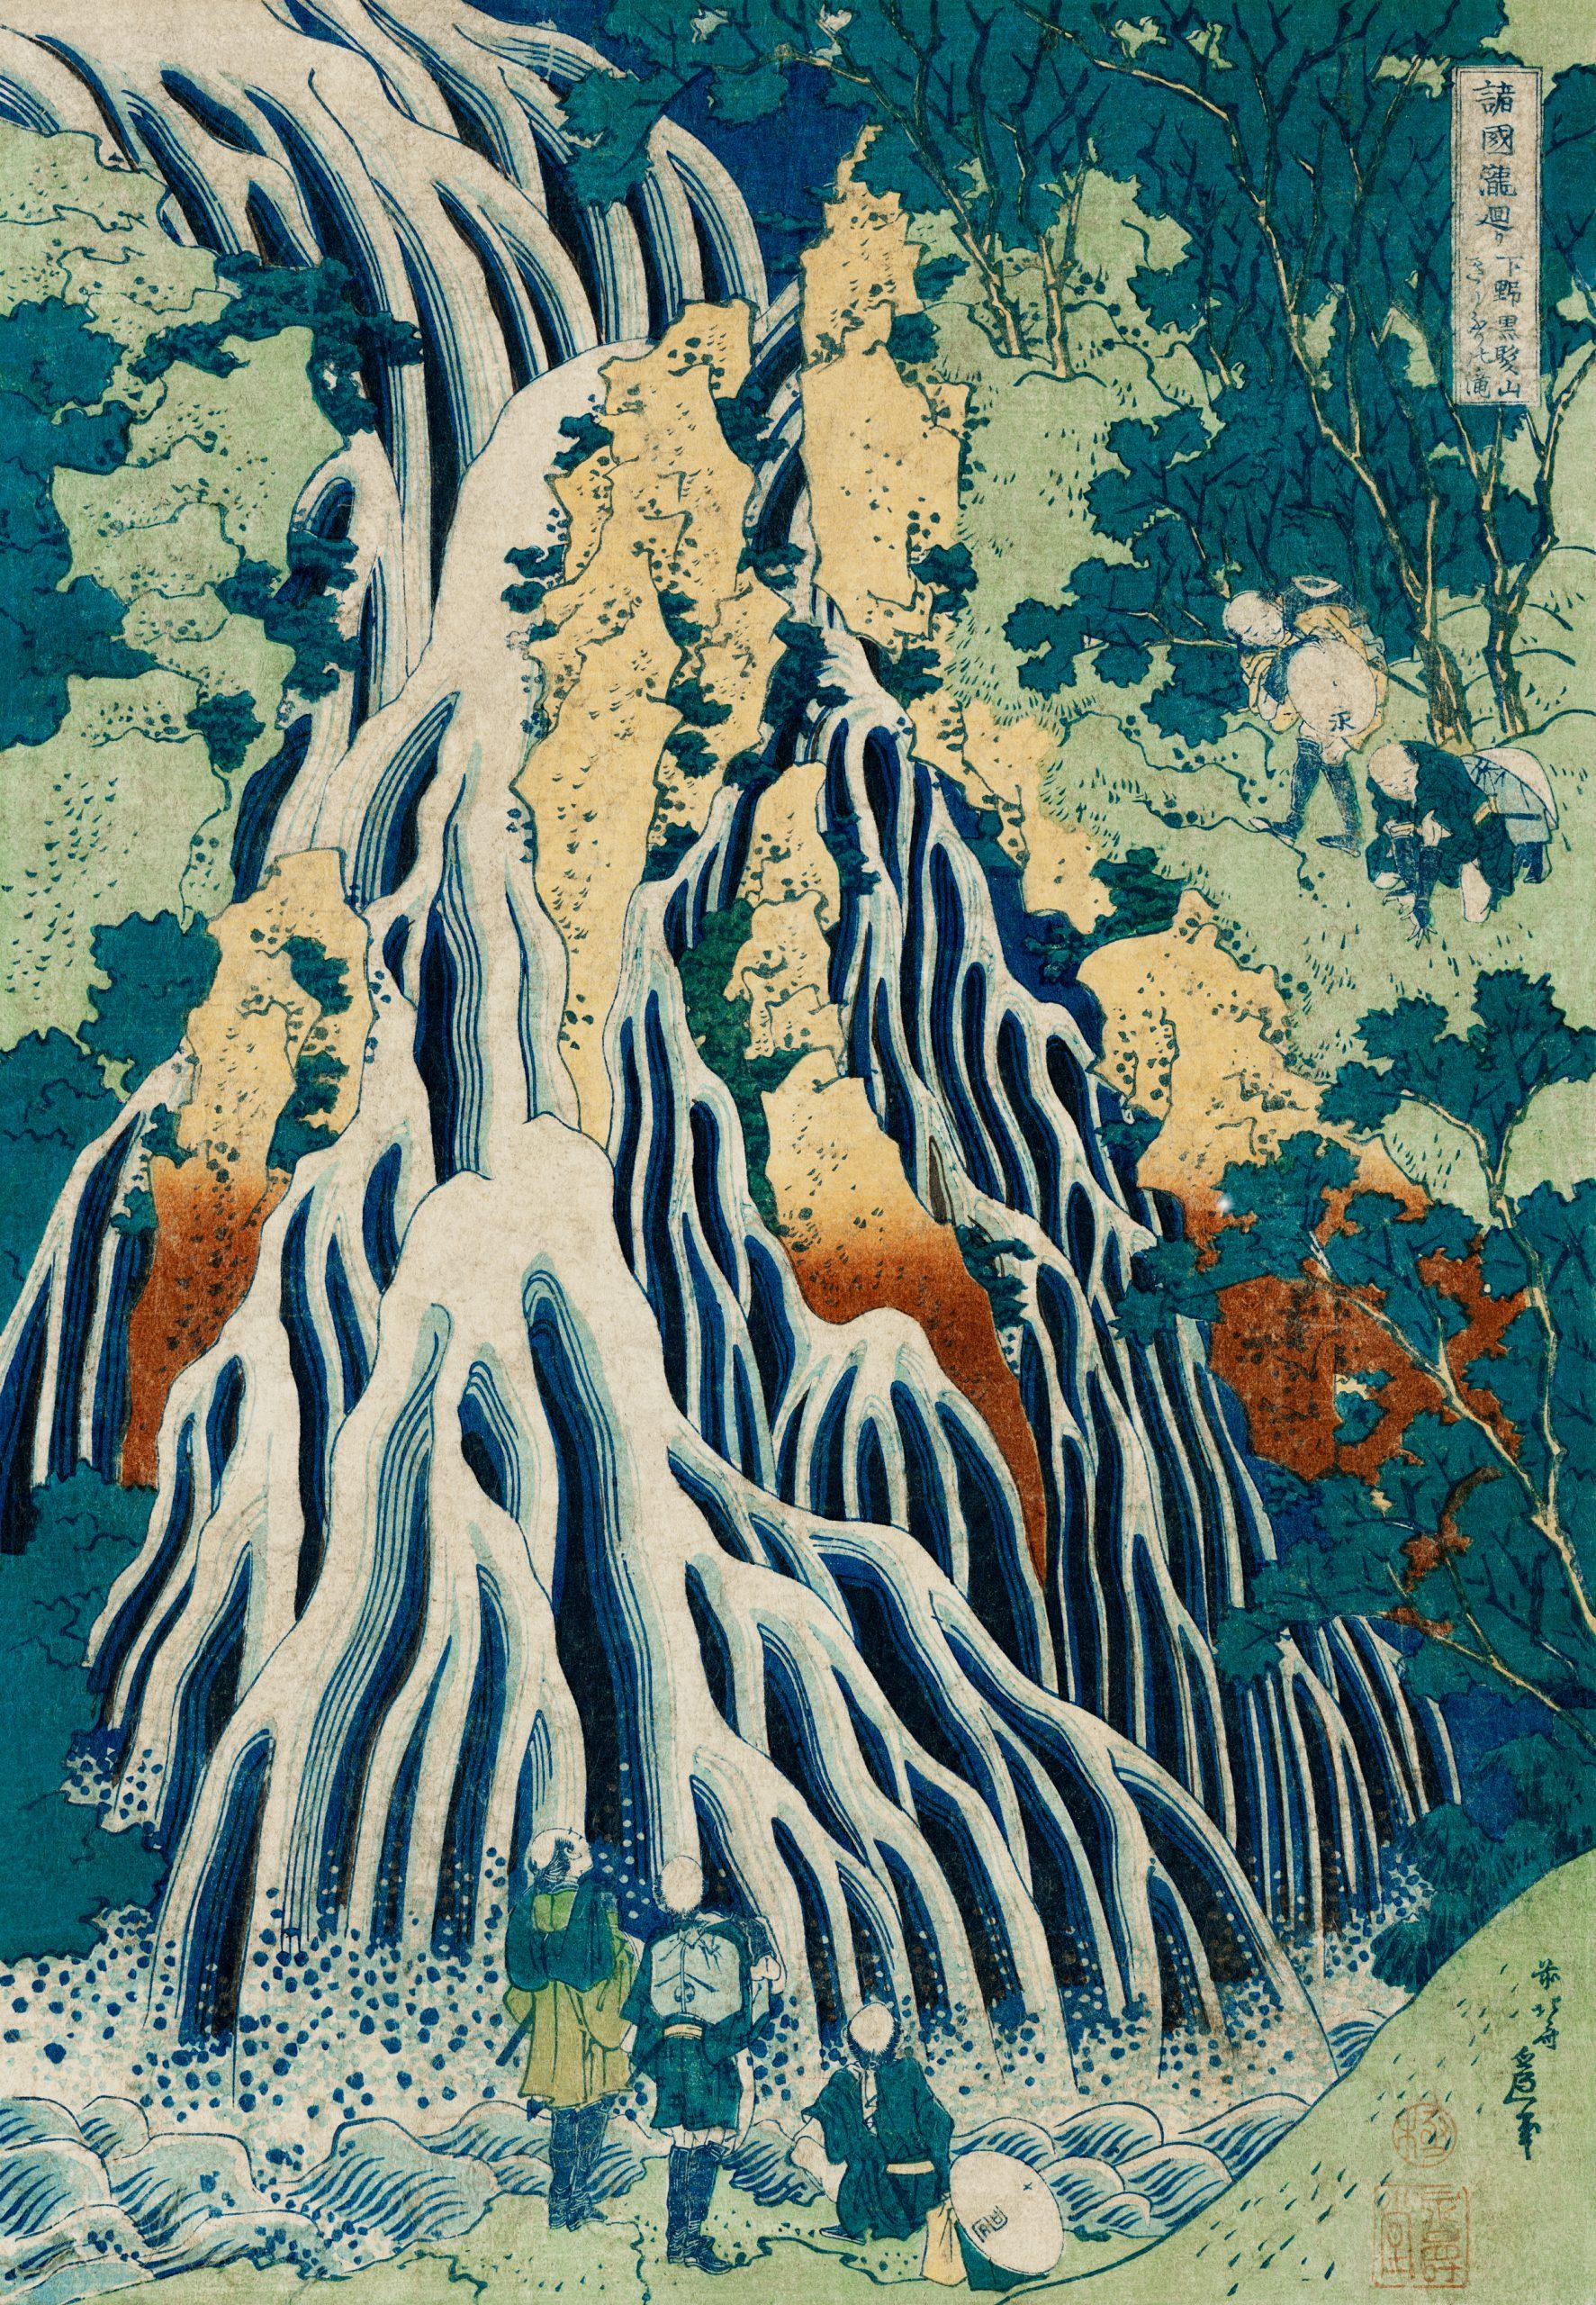 葛饰北斋 诸国瀑布览胜 下野黑发山之瀑 by_hokusai